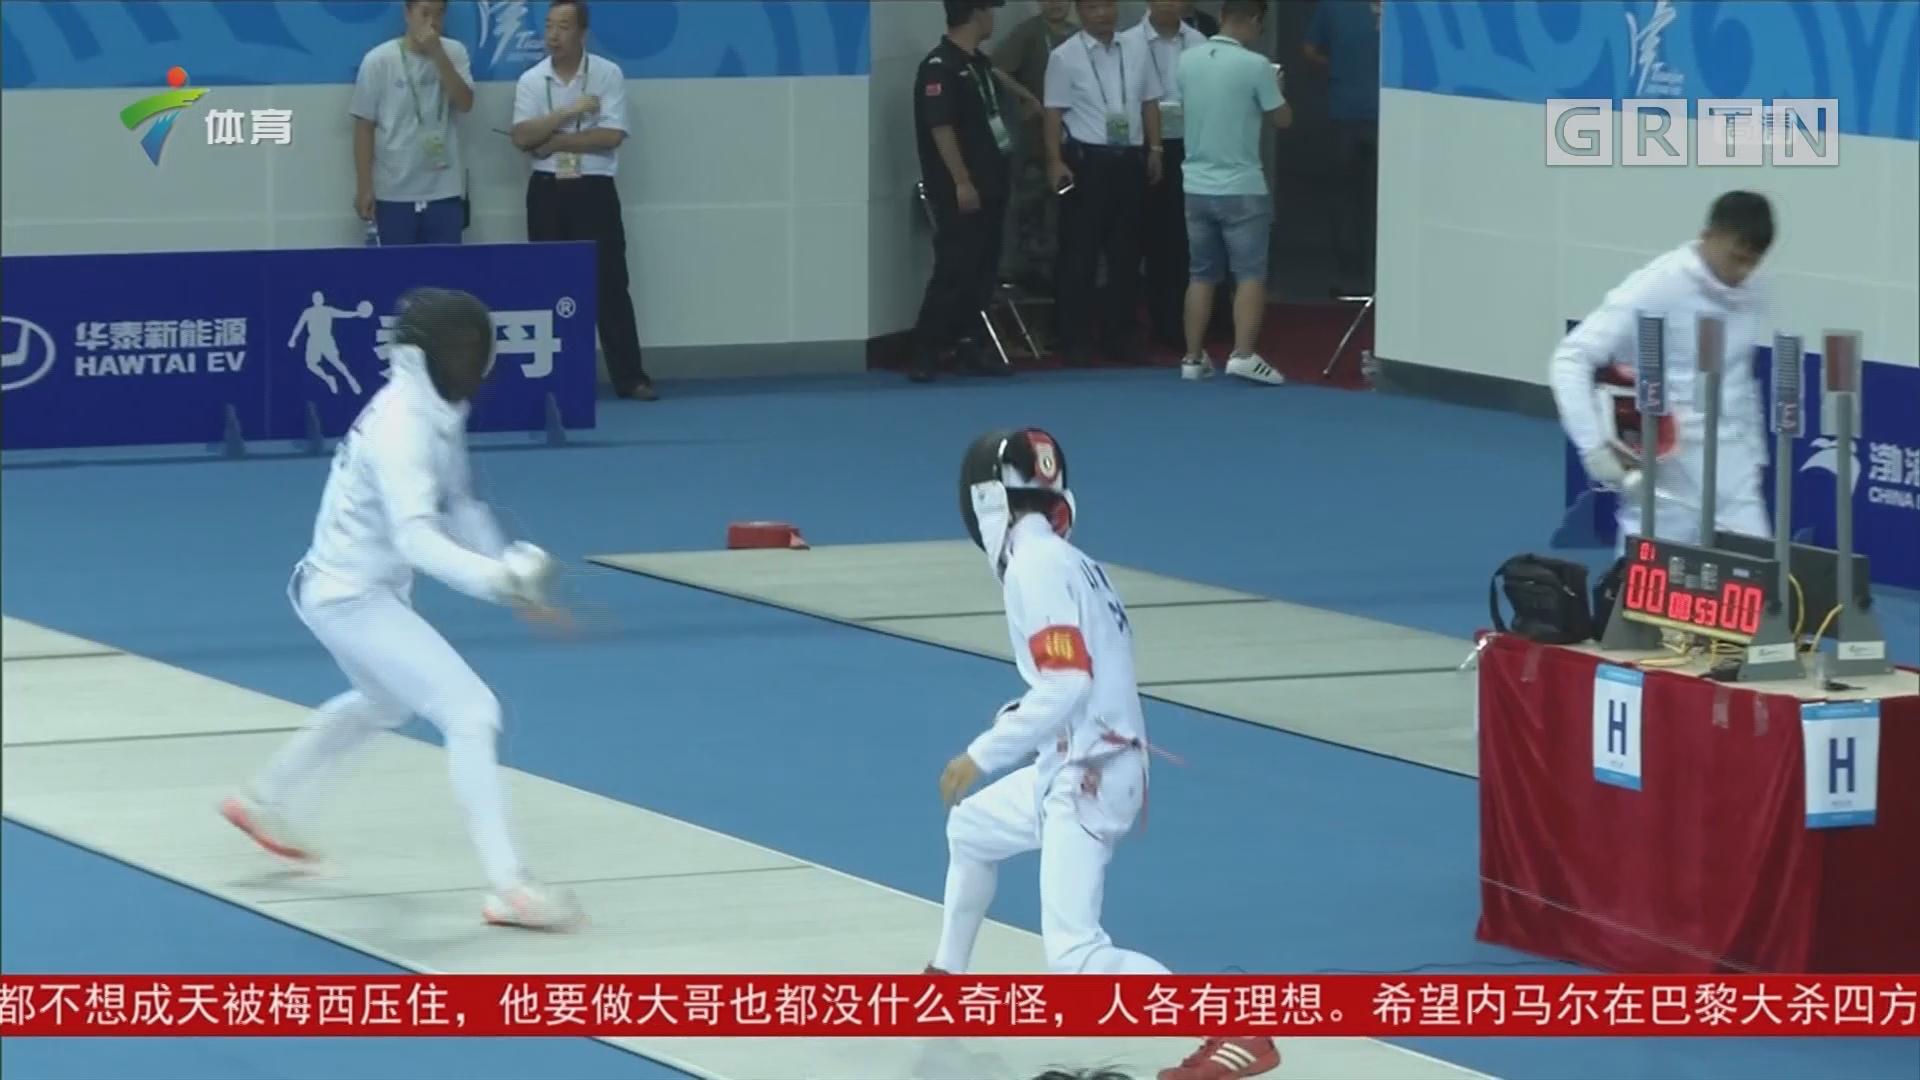 全运会 现代五项个人赛 广东选手苏海航摘铜